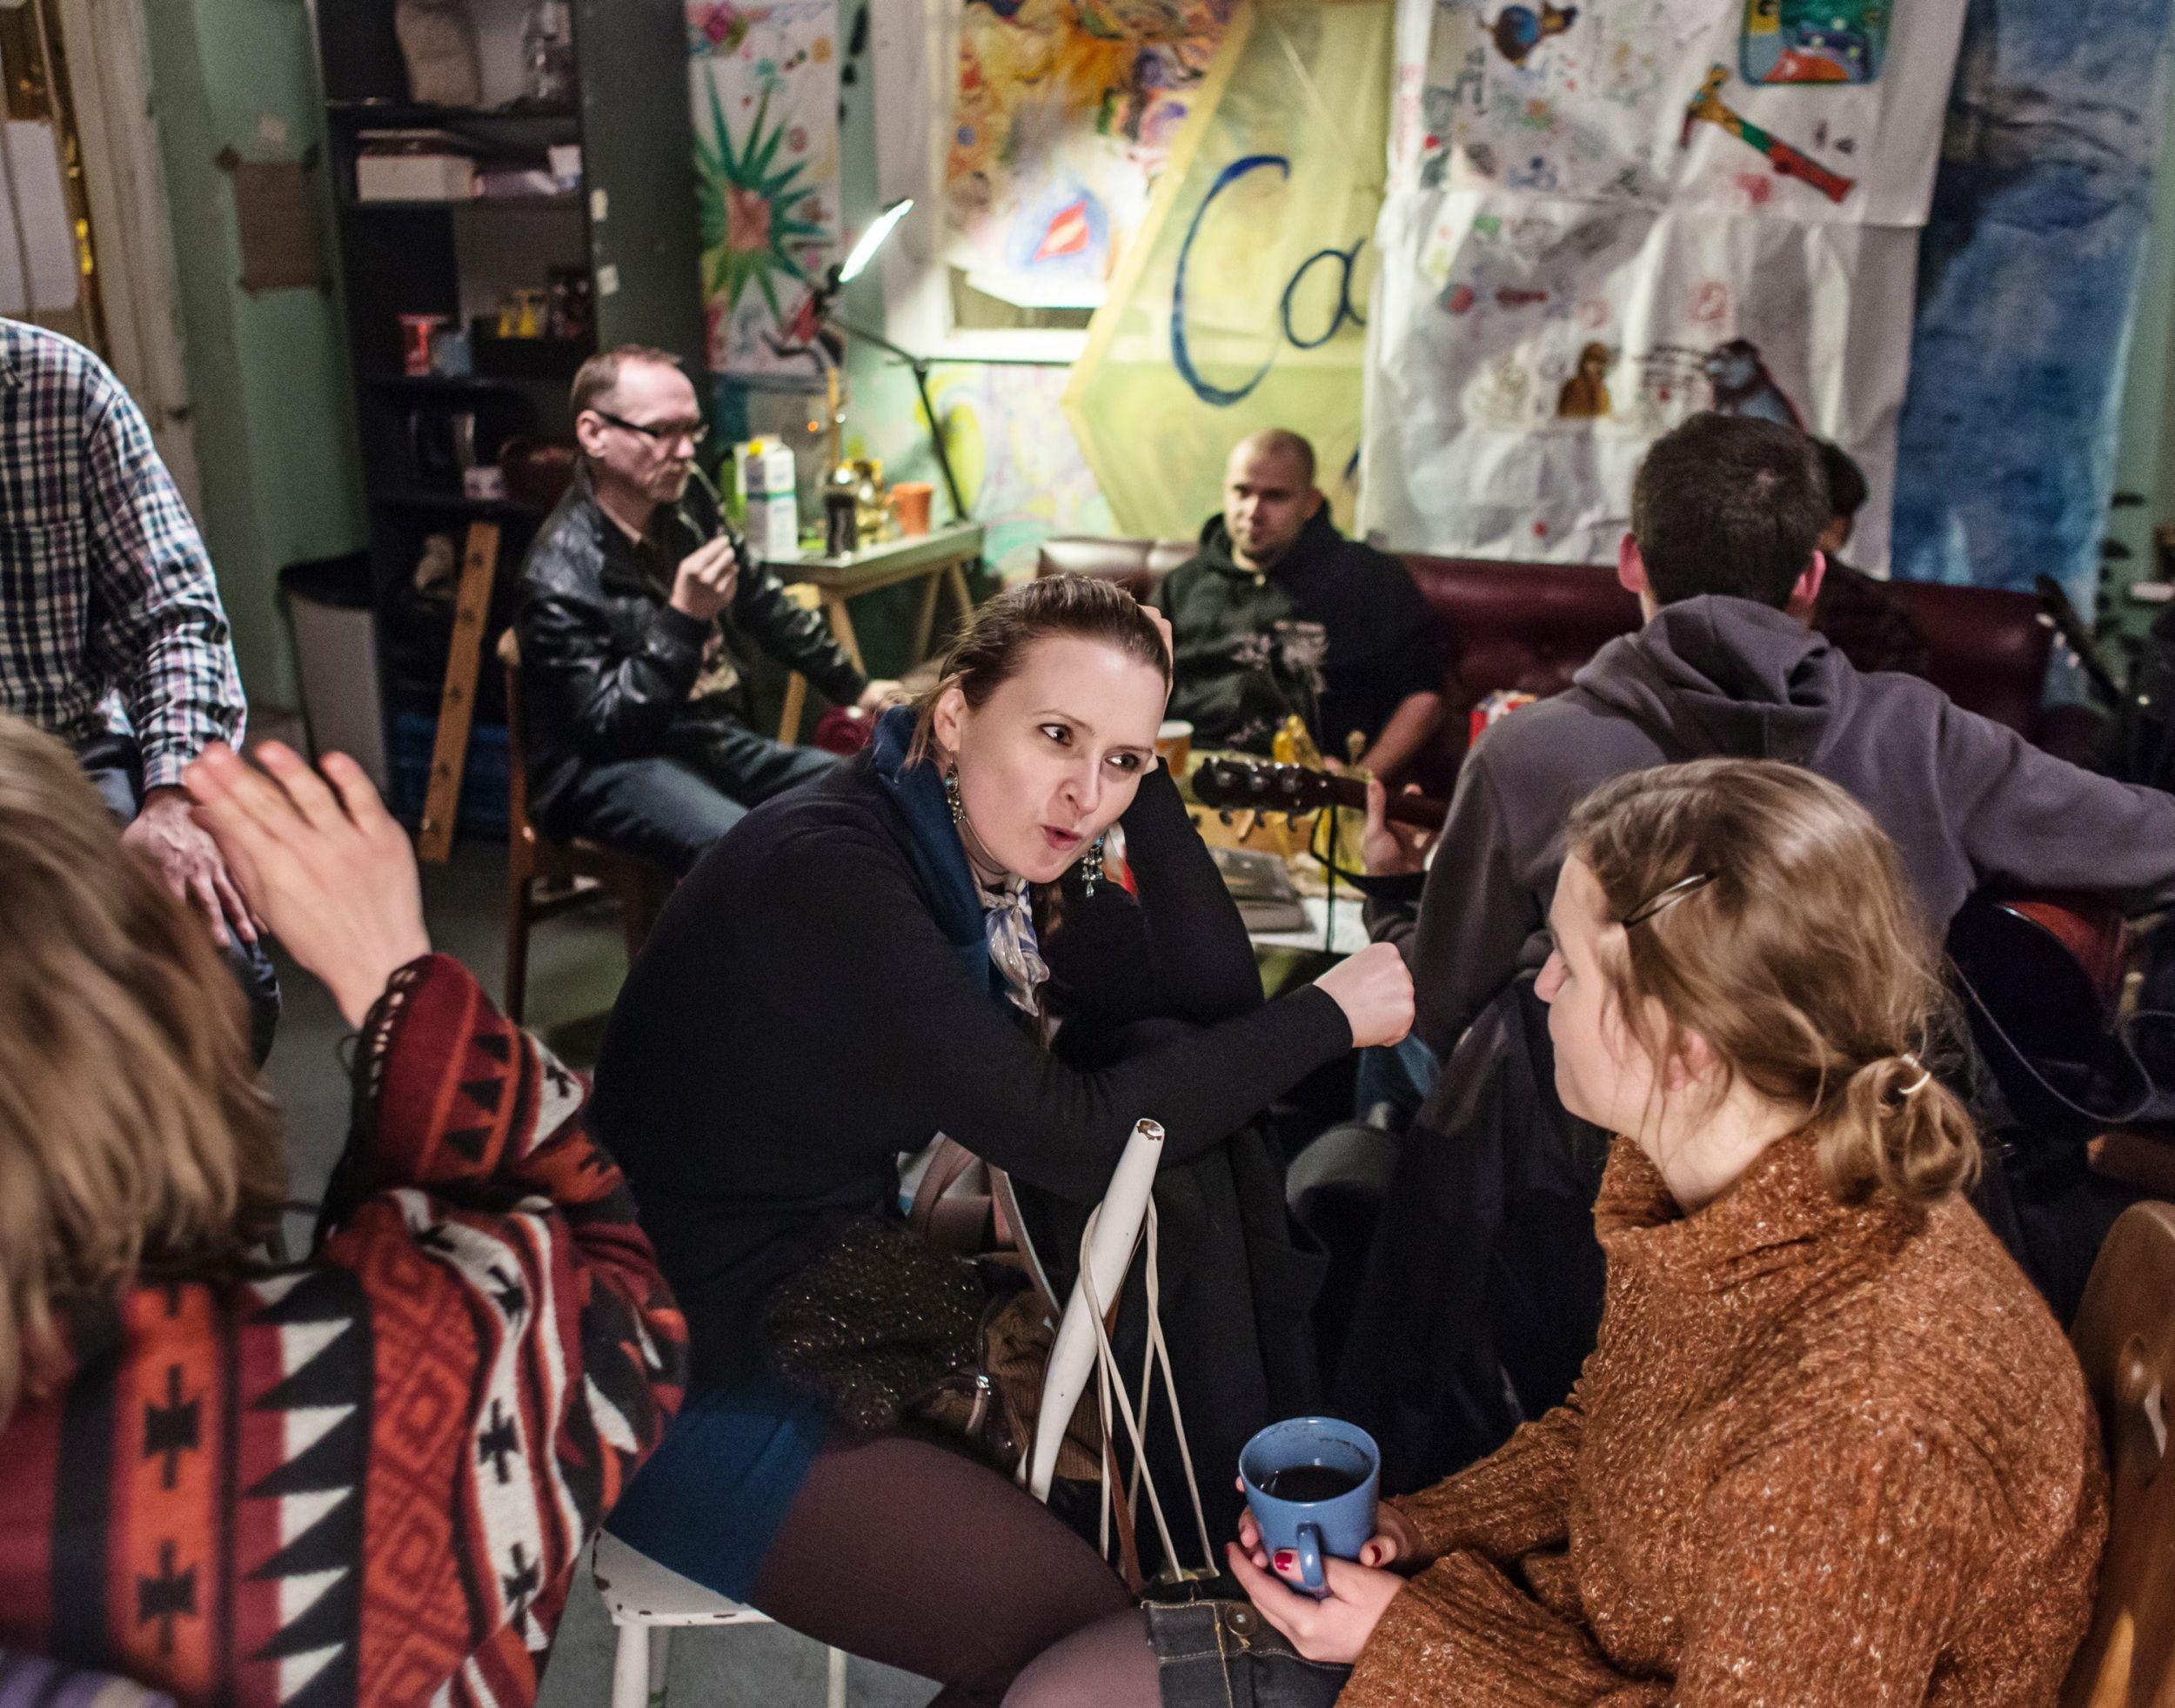 Fińczycy w swoim żywiole, czyli: rozmawiają (fot. Mateusz Skwarczek / Agencja Gazeta)